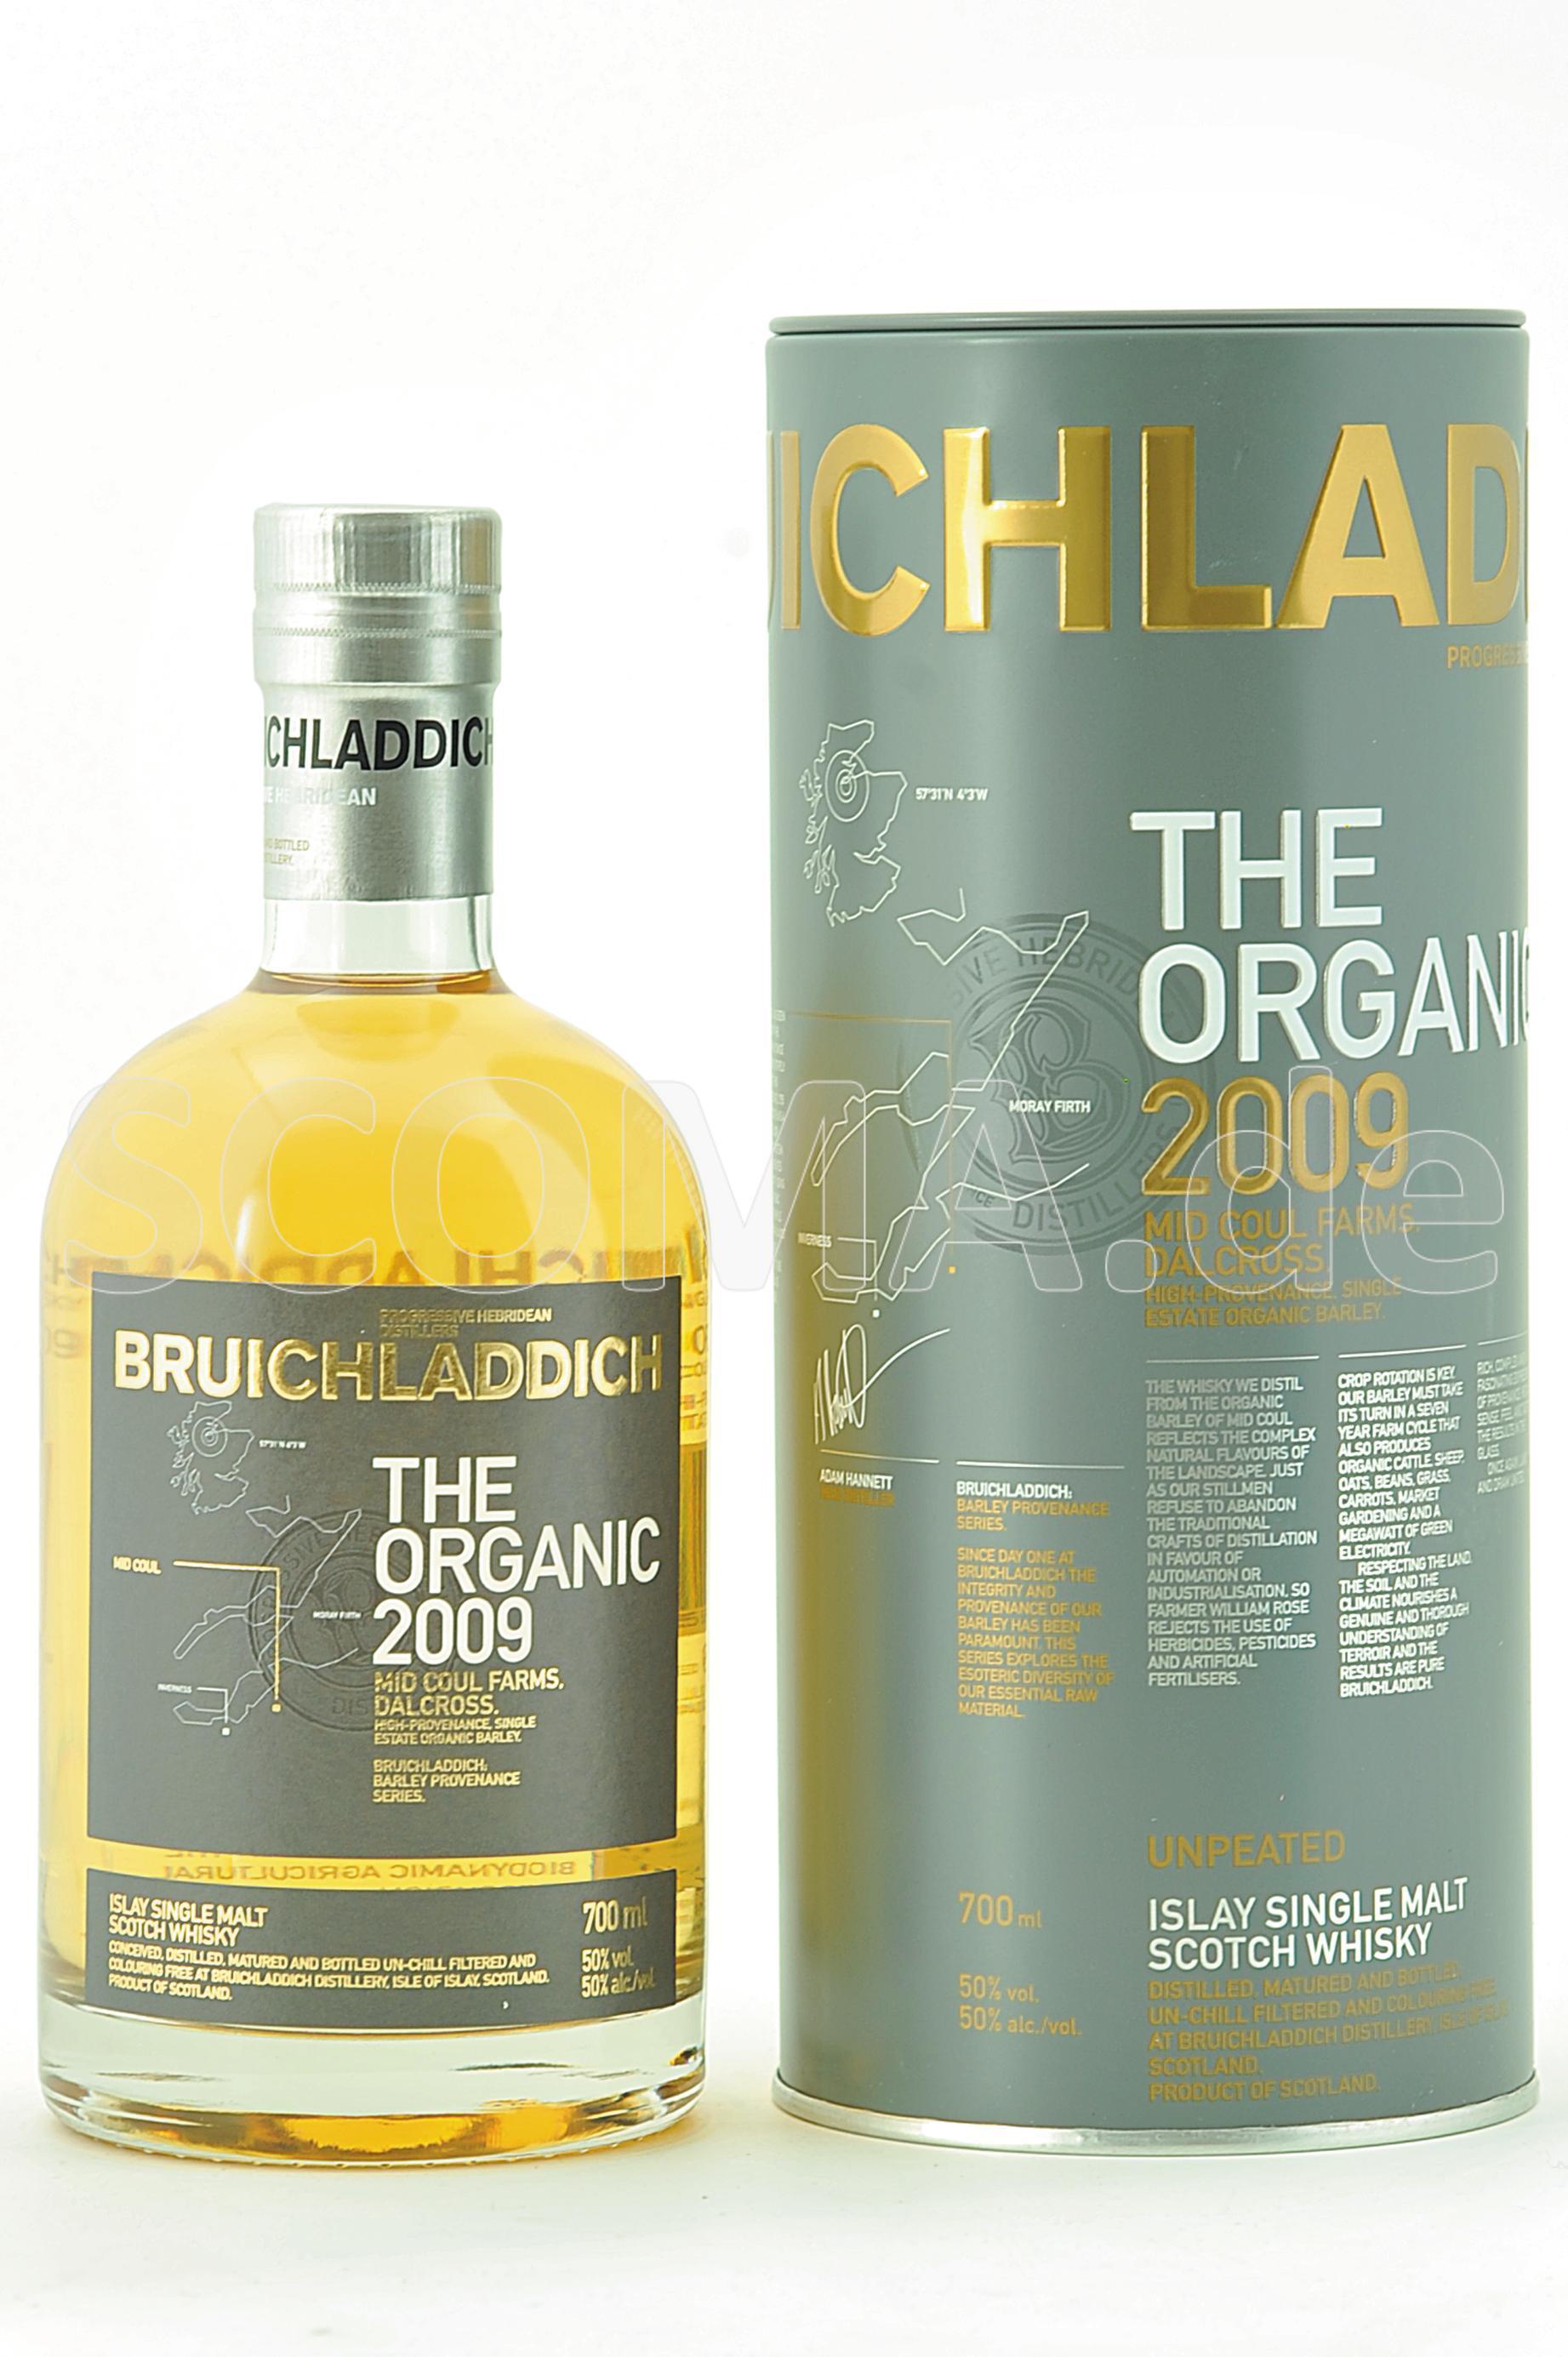 Bruichladdich 2009 The Organic